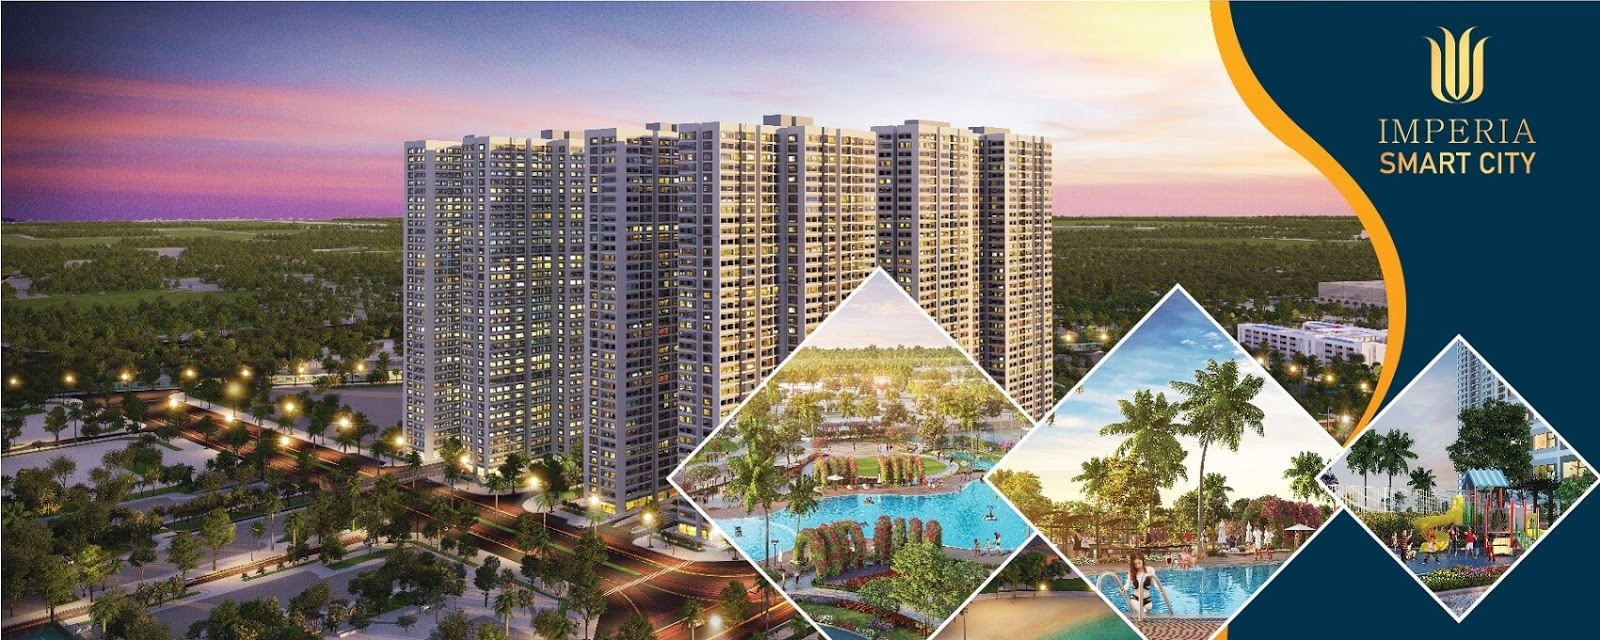 Imperia Smart City nâng tầm giá trị cuộc sống